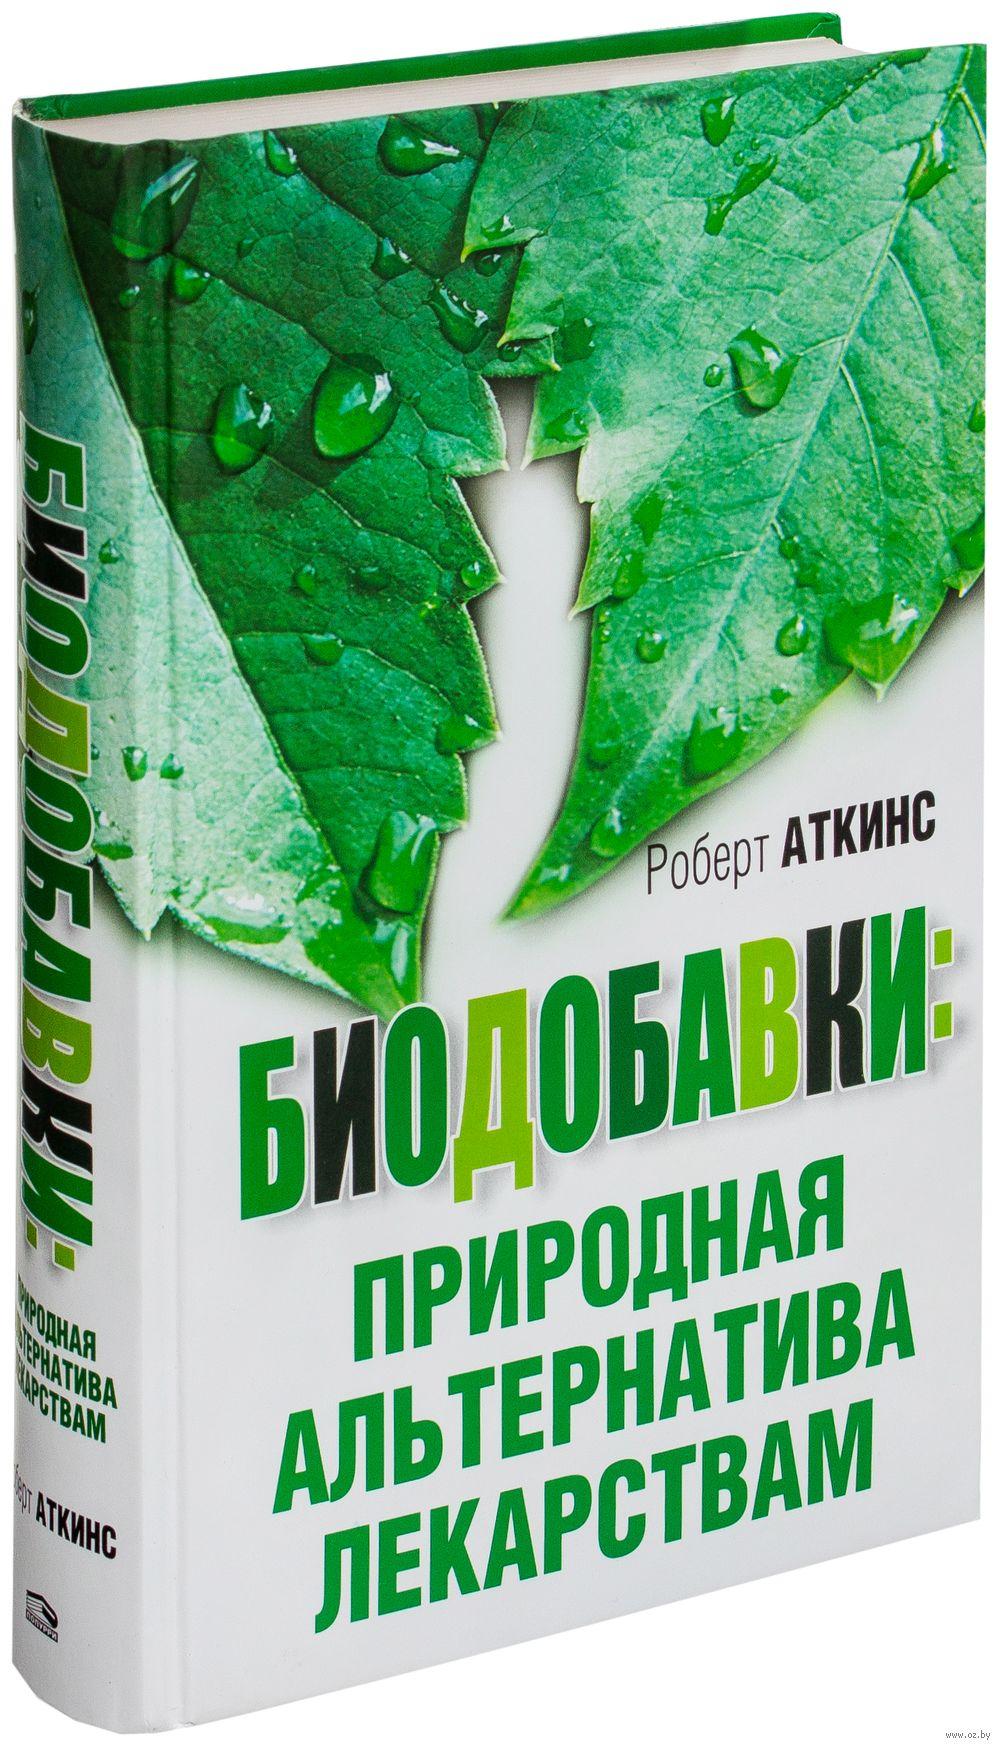 Книга биодобавки природная альтернатива лекарствам скачать